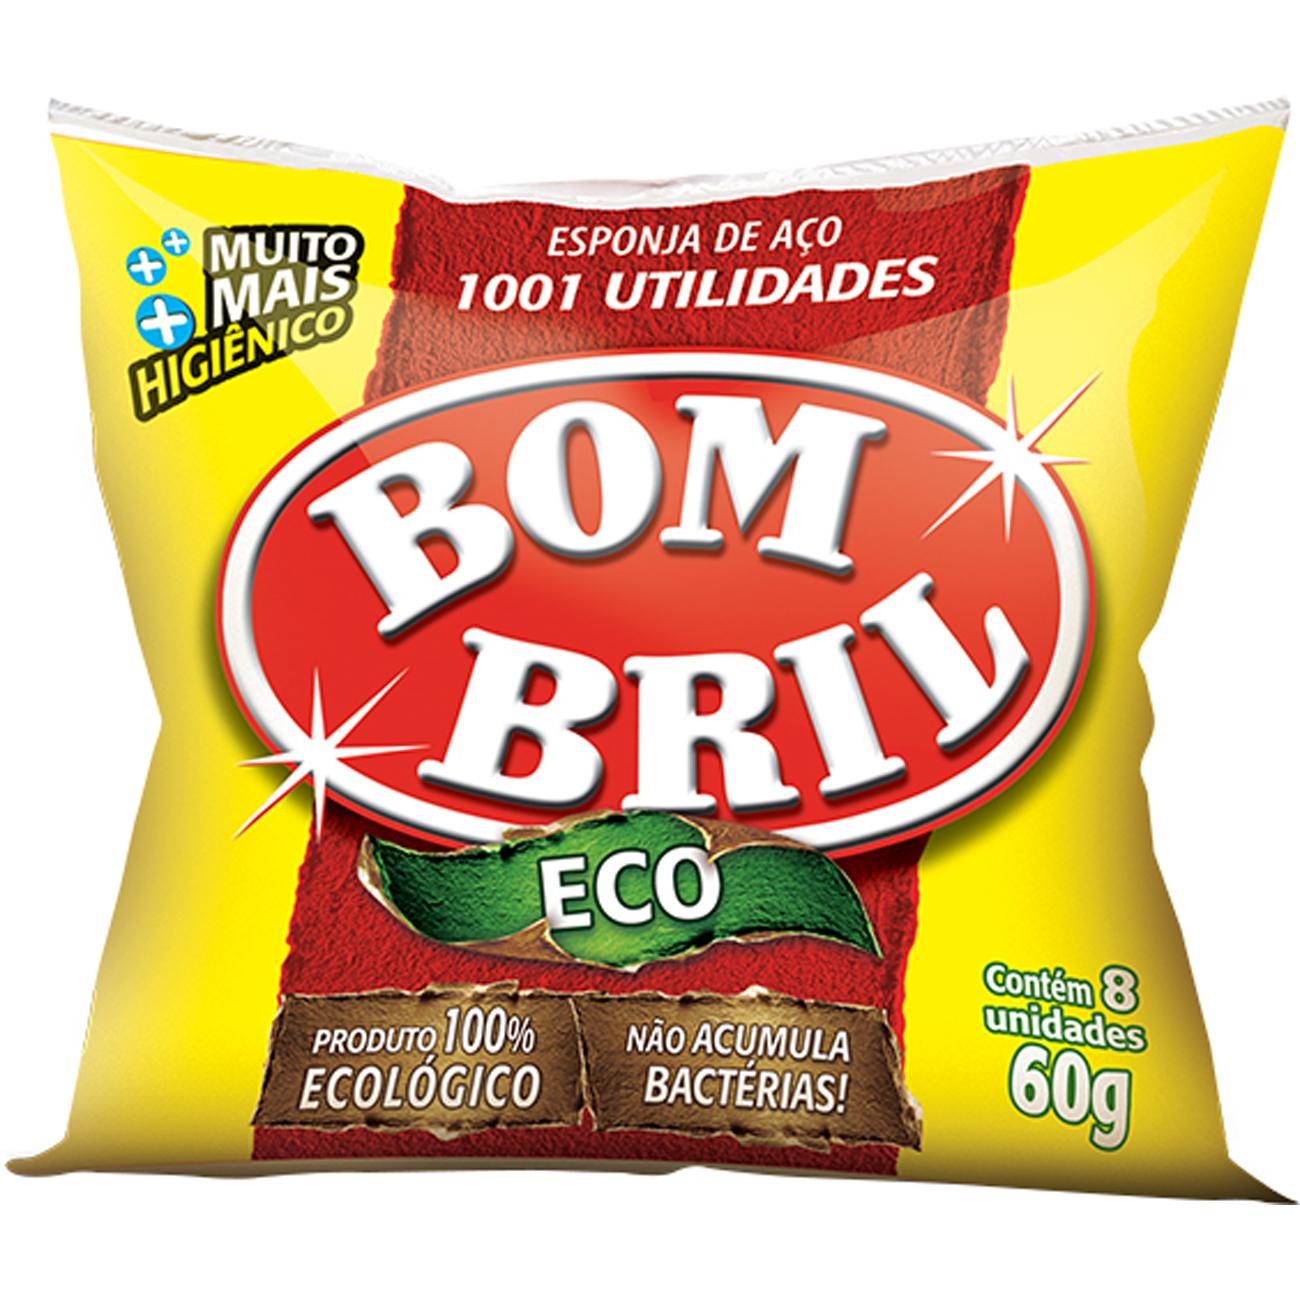 La de Aco Bombril | Com 8 Unidades